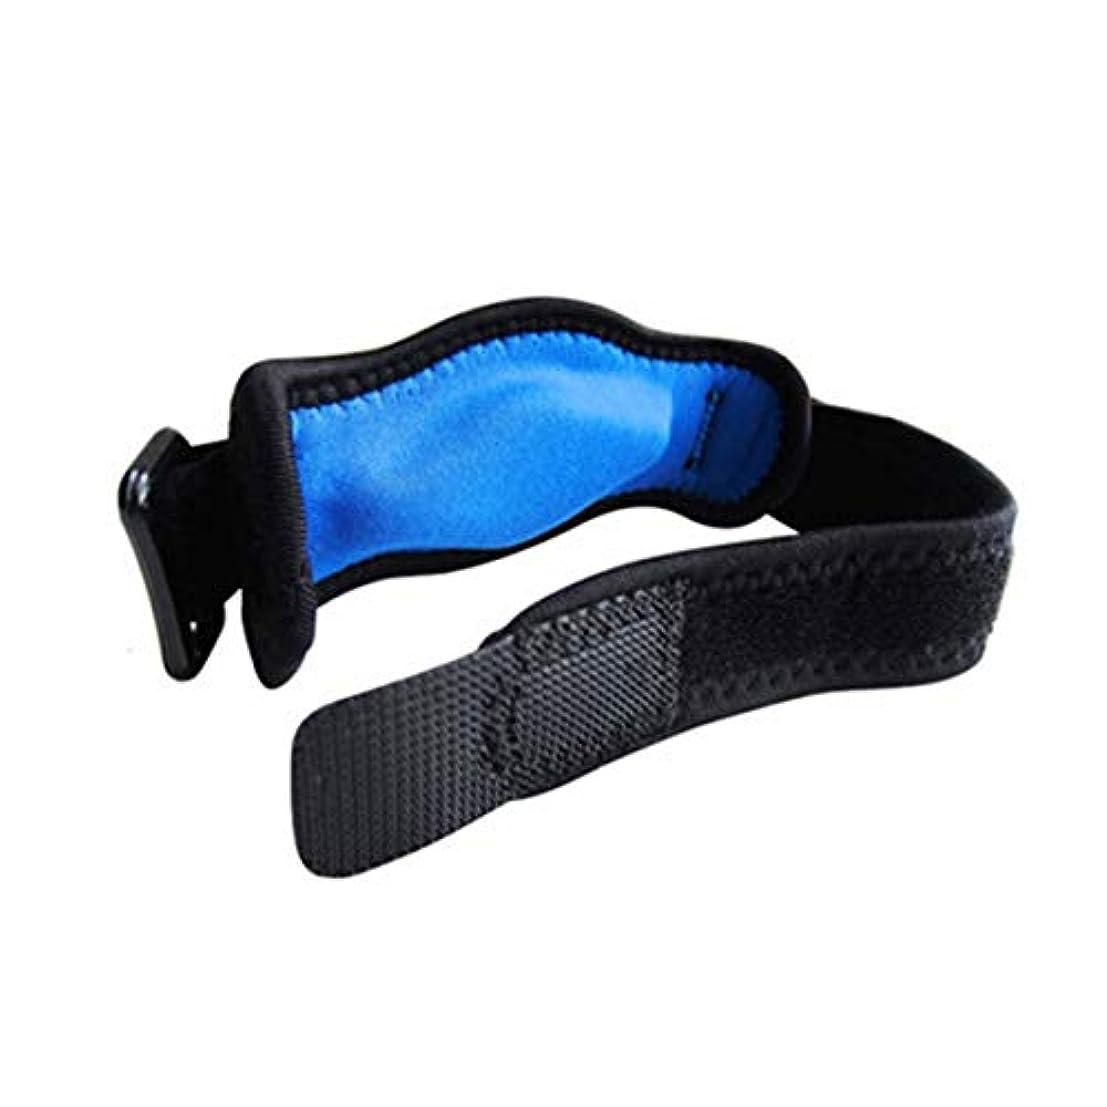 レンズロマンチック解釈調整可能なテニス肘サポートストラップブレースゴルフ前腕の痛みの軽減-ブラック